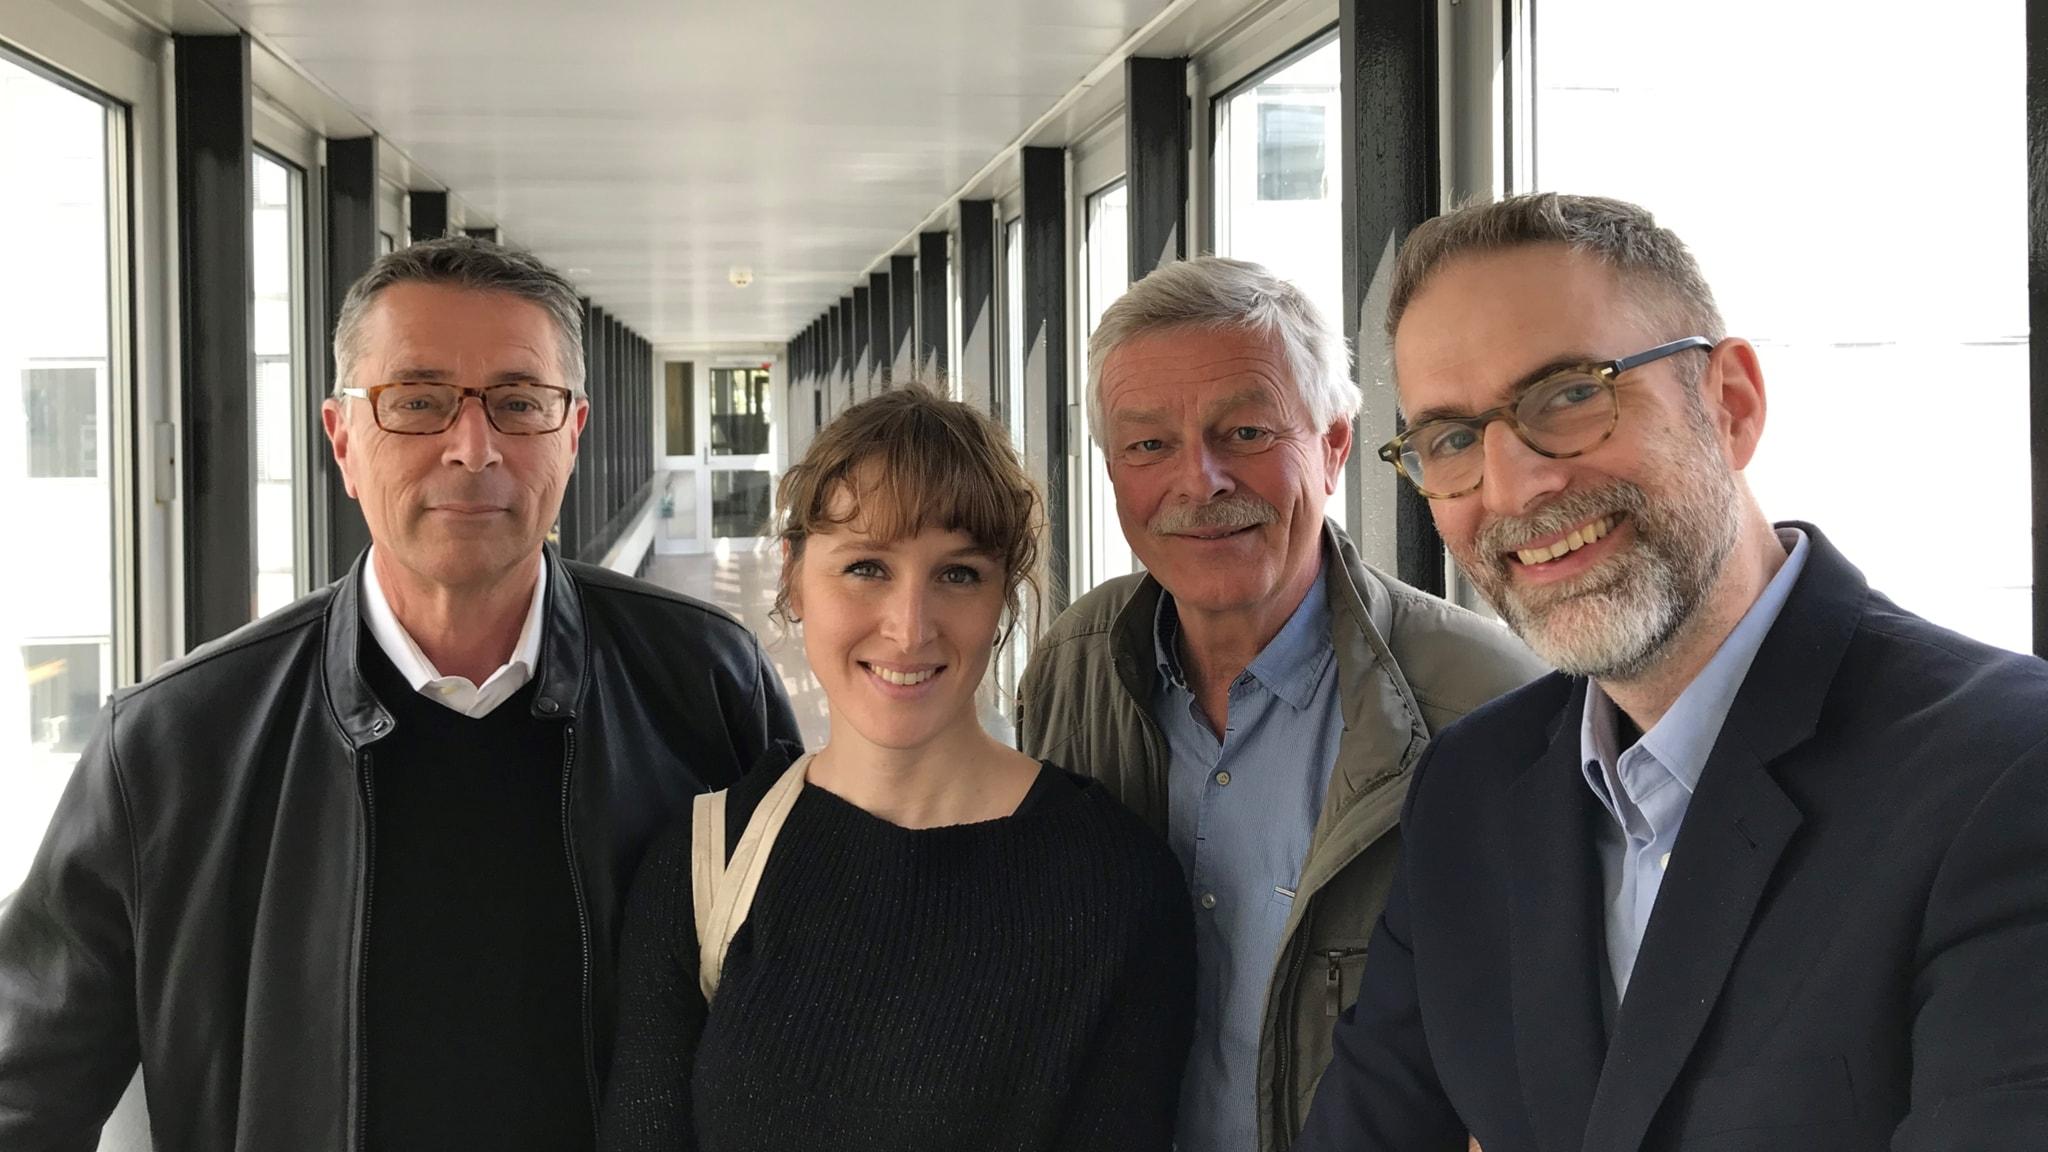 I veckans panel sitter Hanns Rodell från Berwaldhallen, musikproducenten Aurélie Ferriere och radioveteranen Niklas Lindblad.